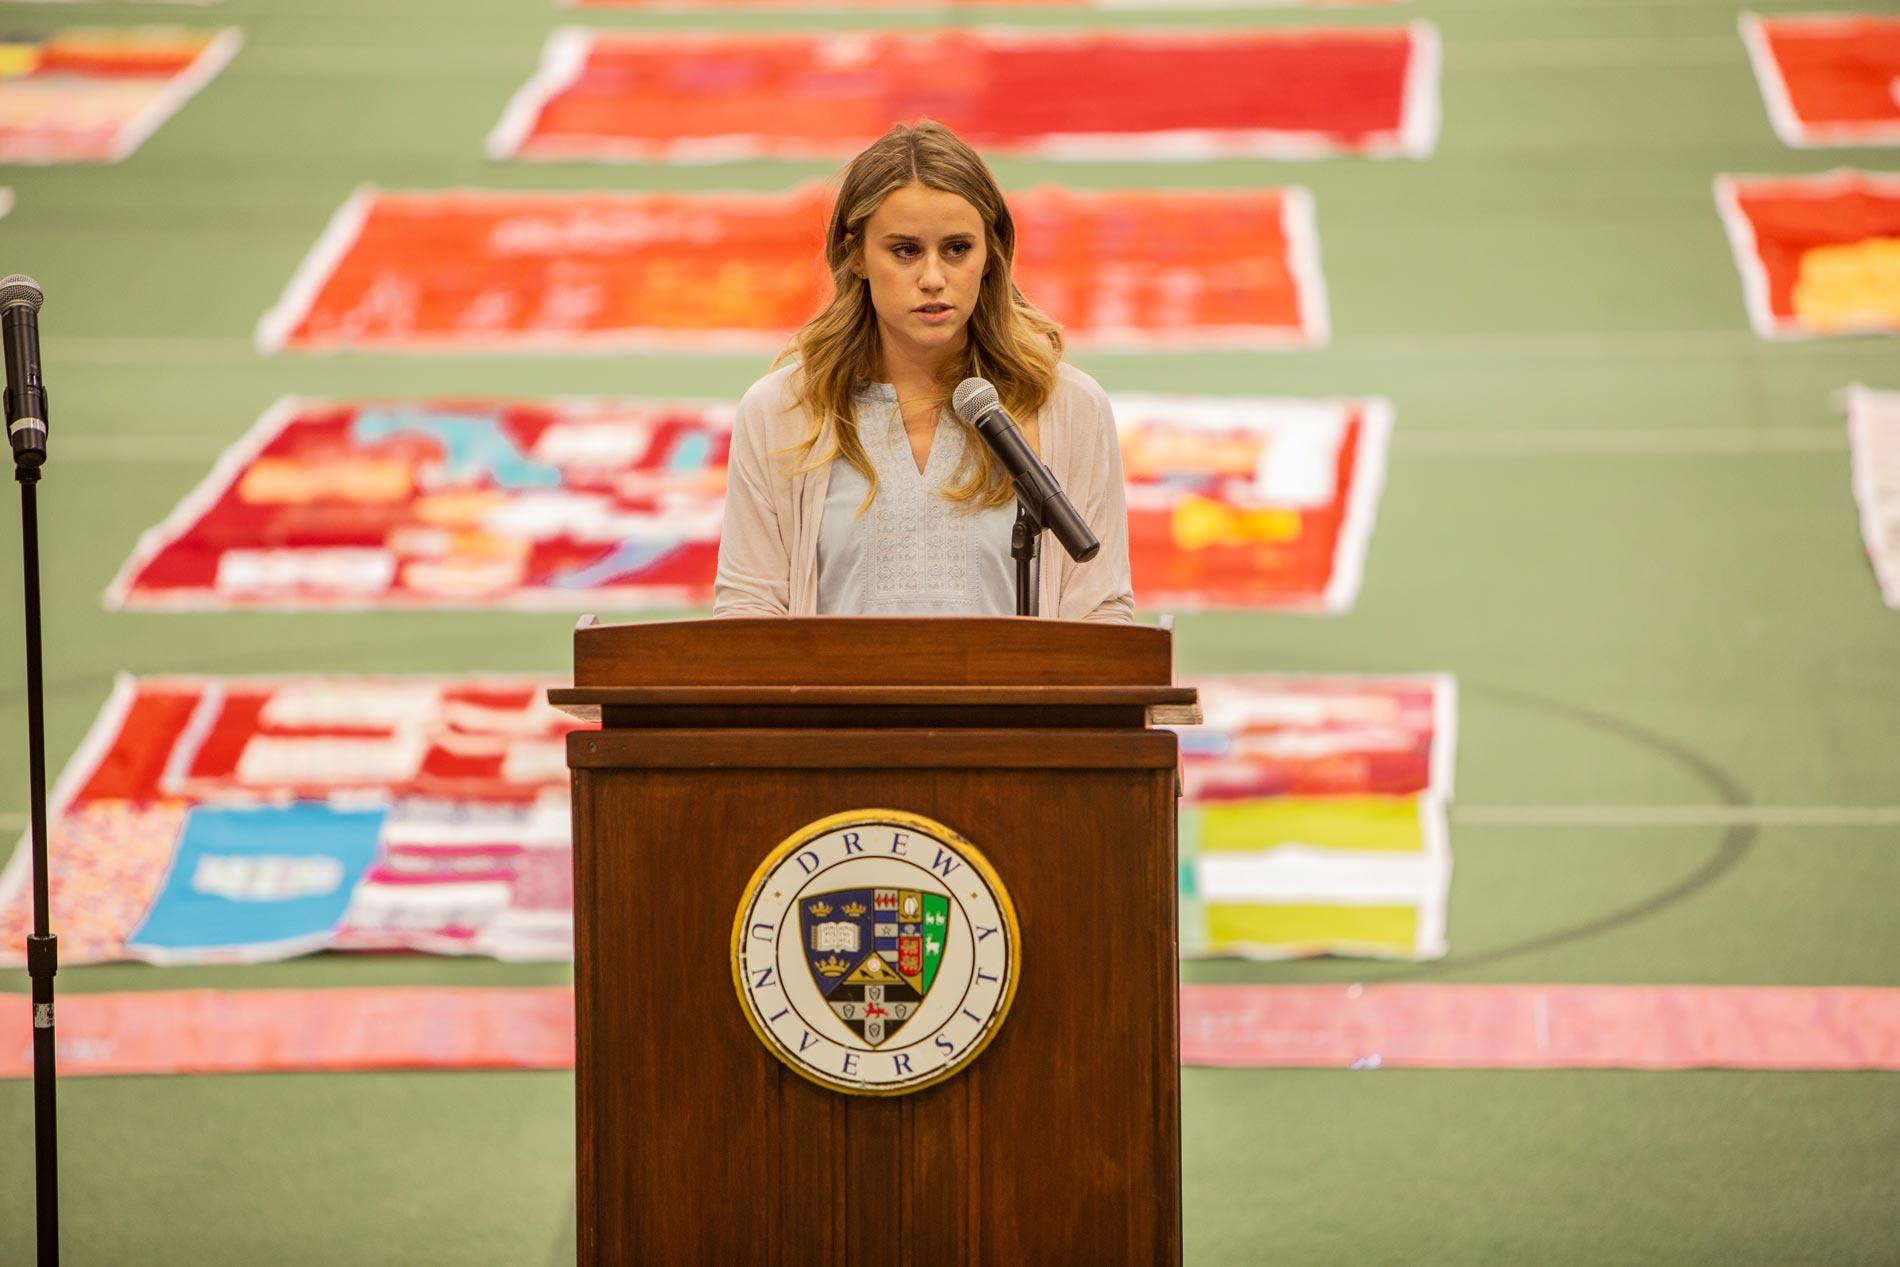 Samantha Savidge speaking behind a lectern